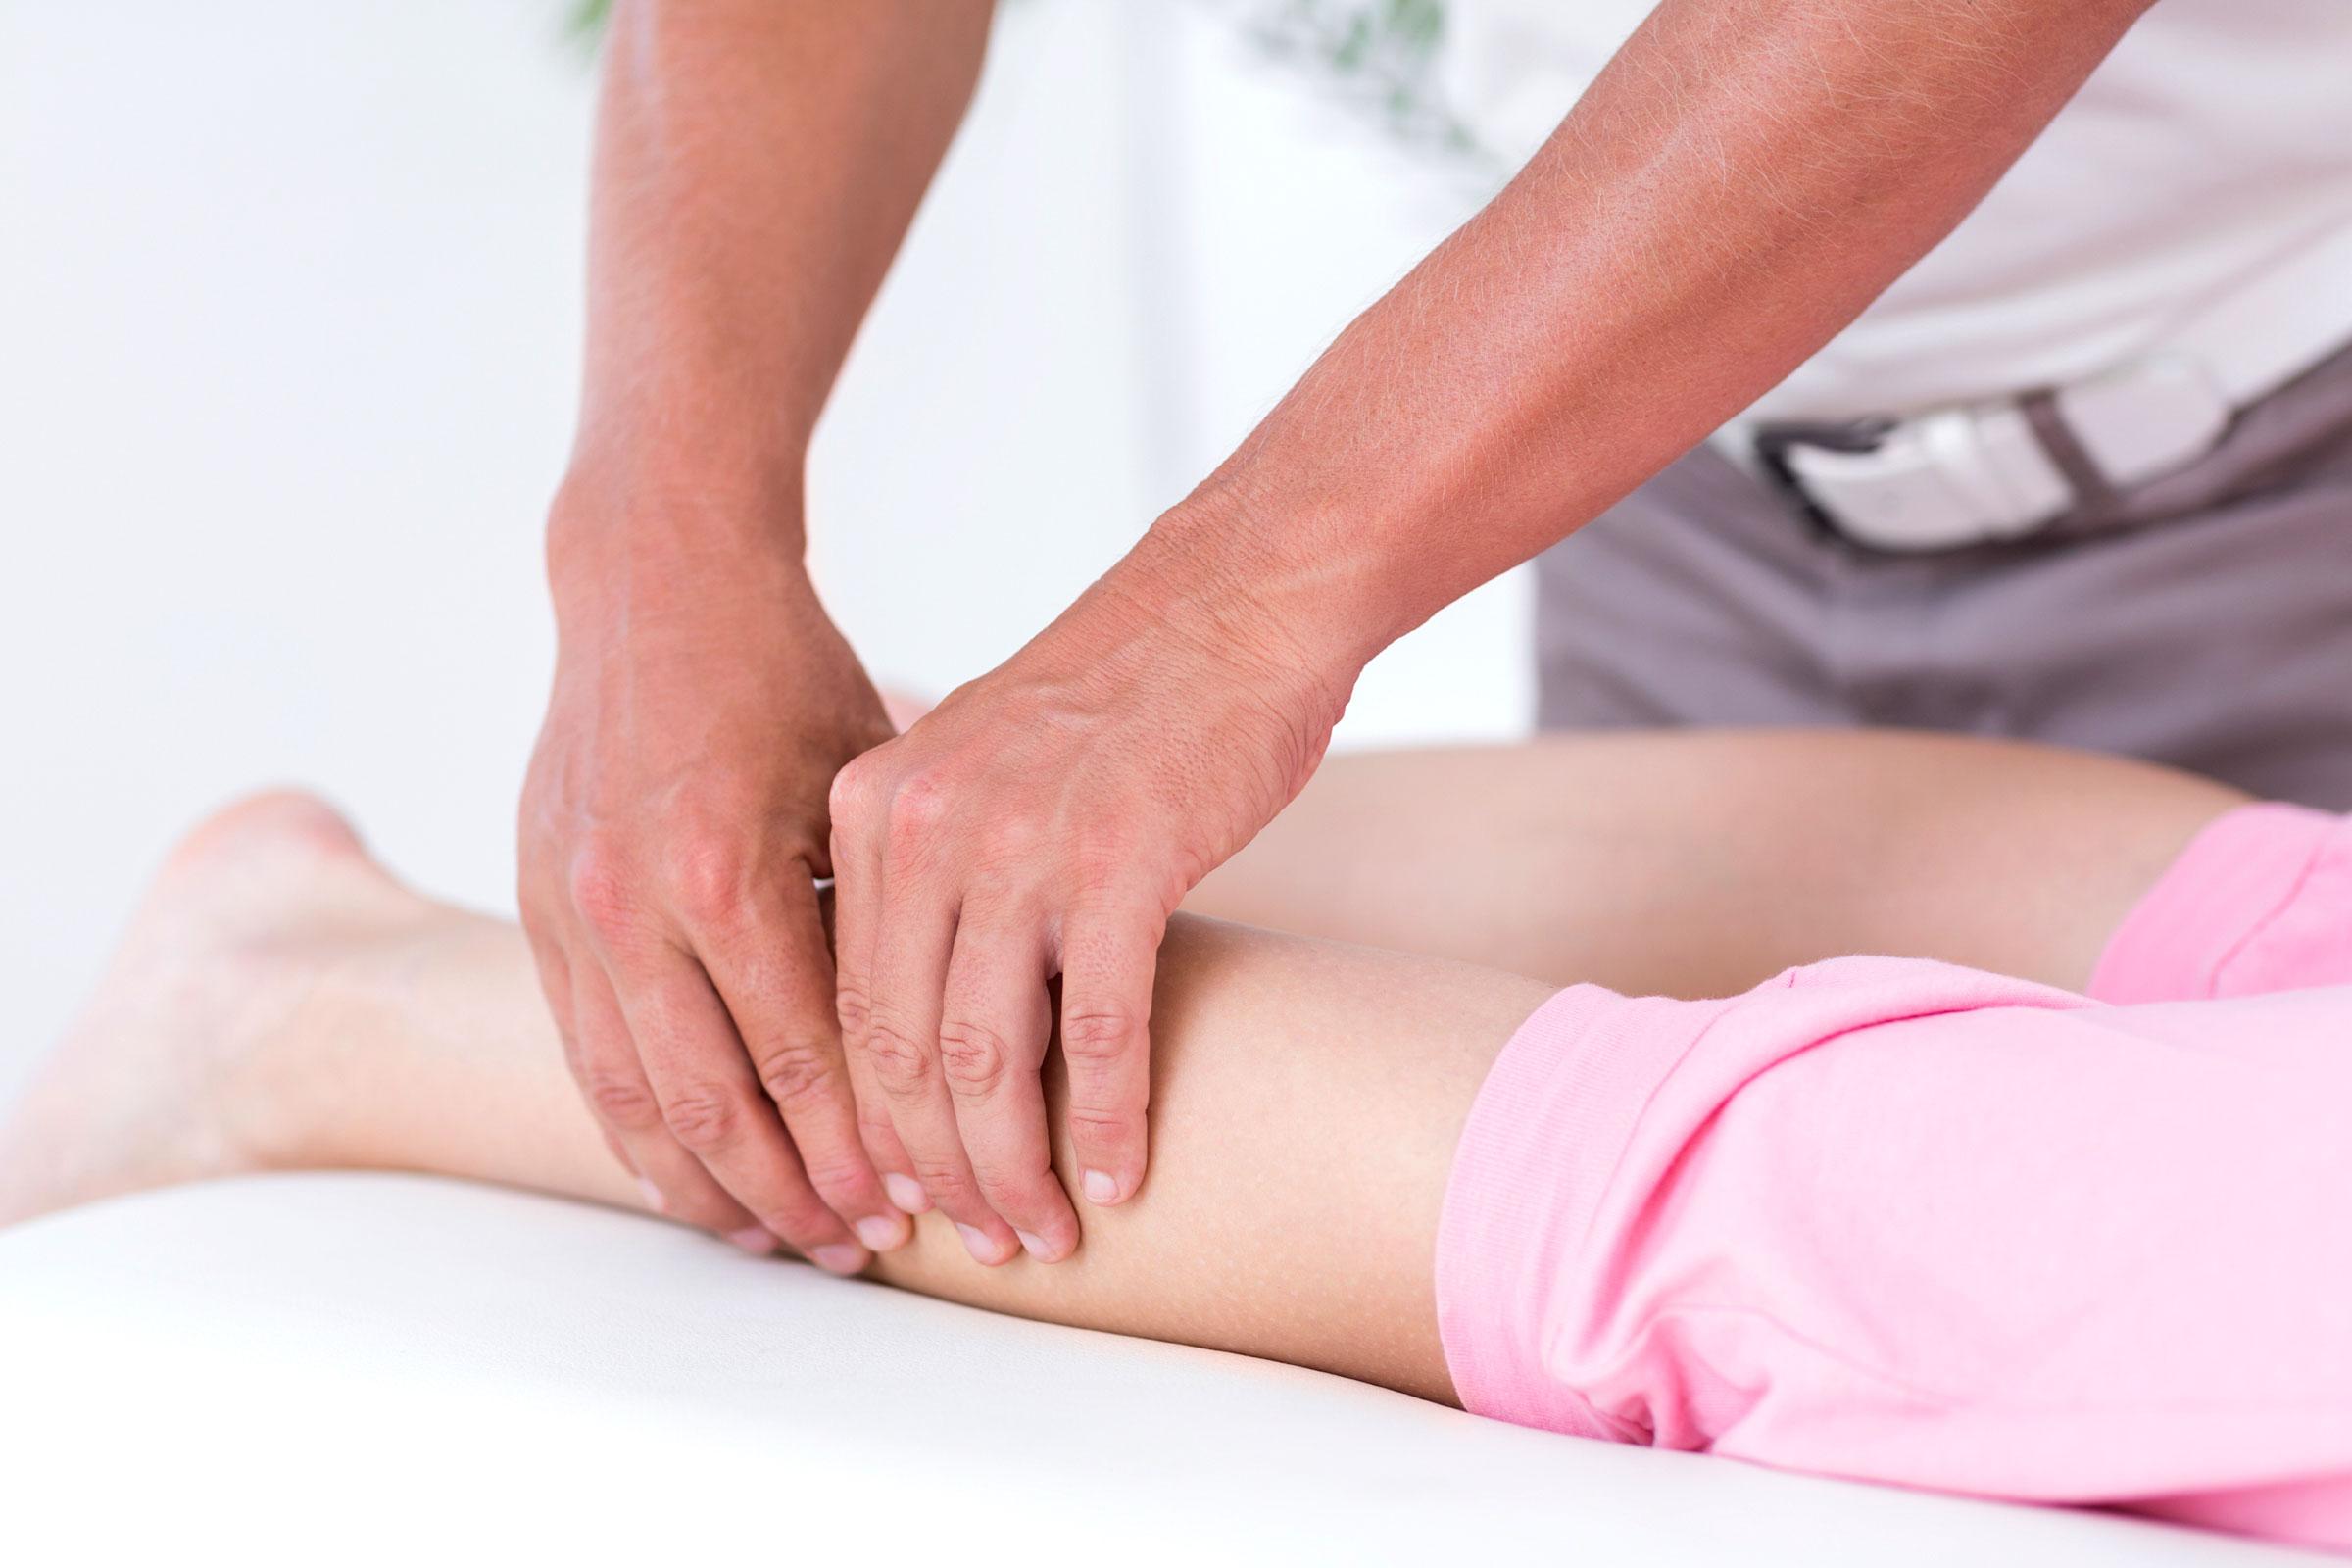 Douleur au mollet : comment l'éviter